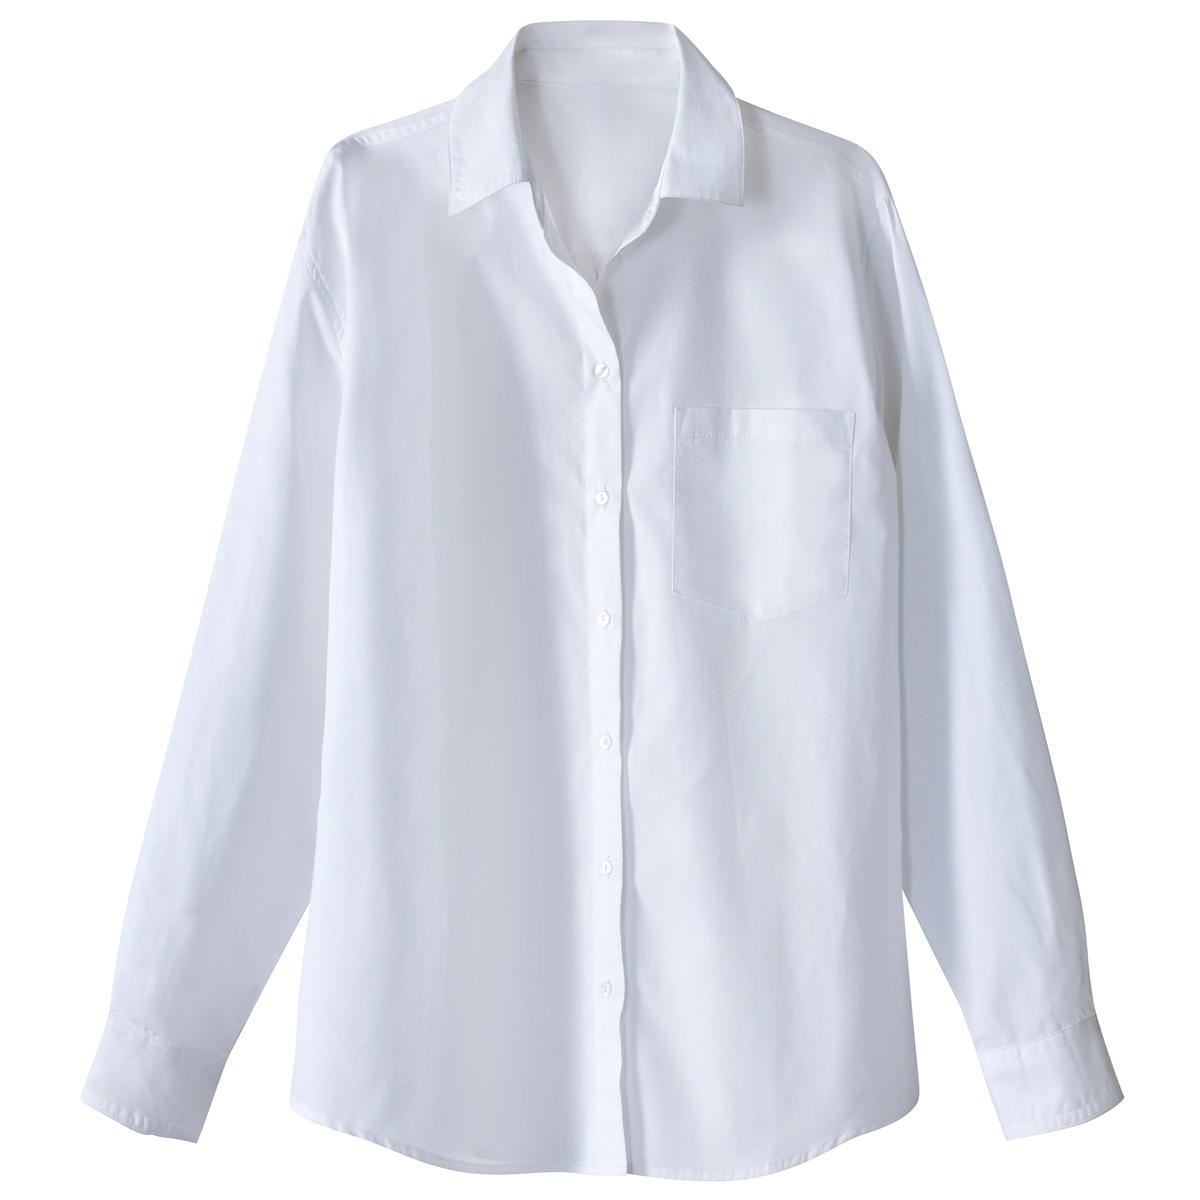 Рубашка из однотонного поплинаДетали •  Длинные рукава  •  Прямой покрой  •  Воротник-поло, рубашечный  •  Кончики воротника на пуговицах Состав и уход •  100% хлопок  •  Температура стирки 40°  •  Сухая чистка и отбеливание запрещены    • Барабанная сушка на умеренном режиме       • Средняя температура глажки<br><br>Цвет: белый